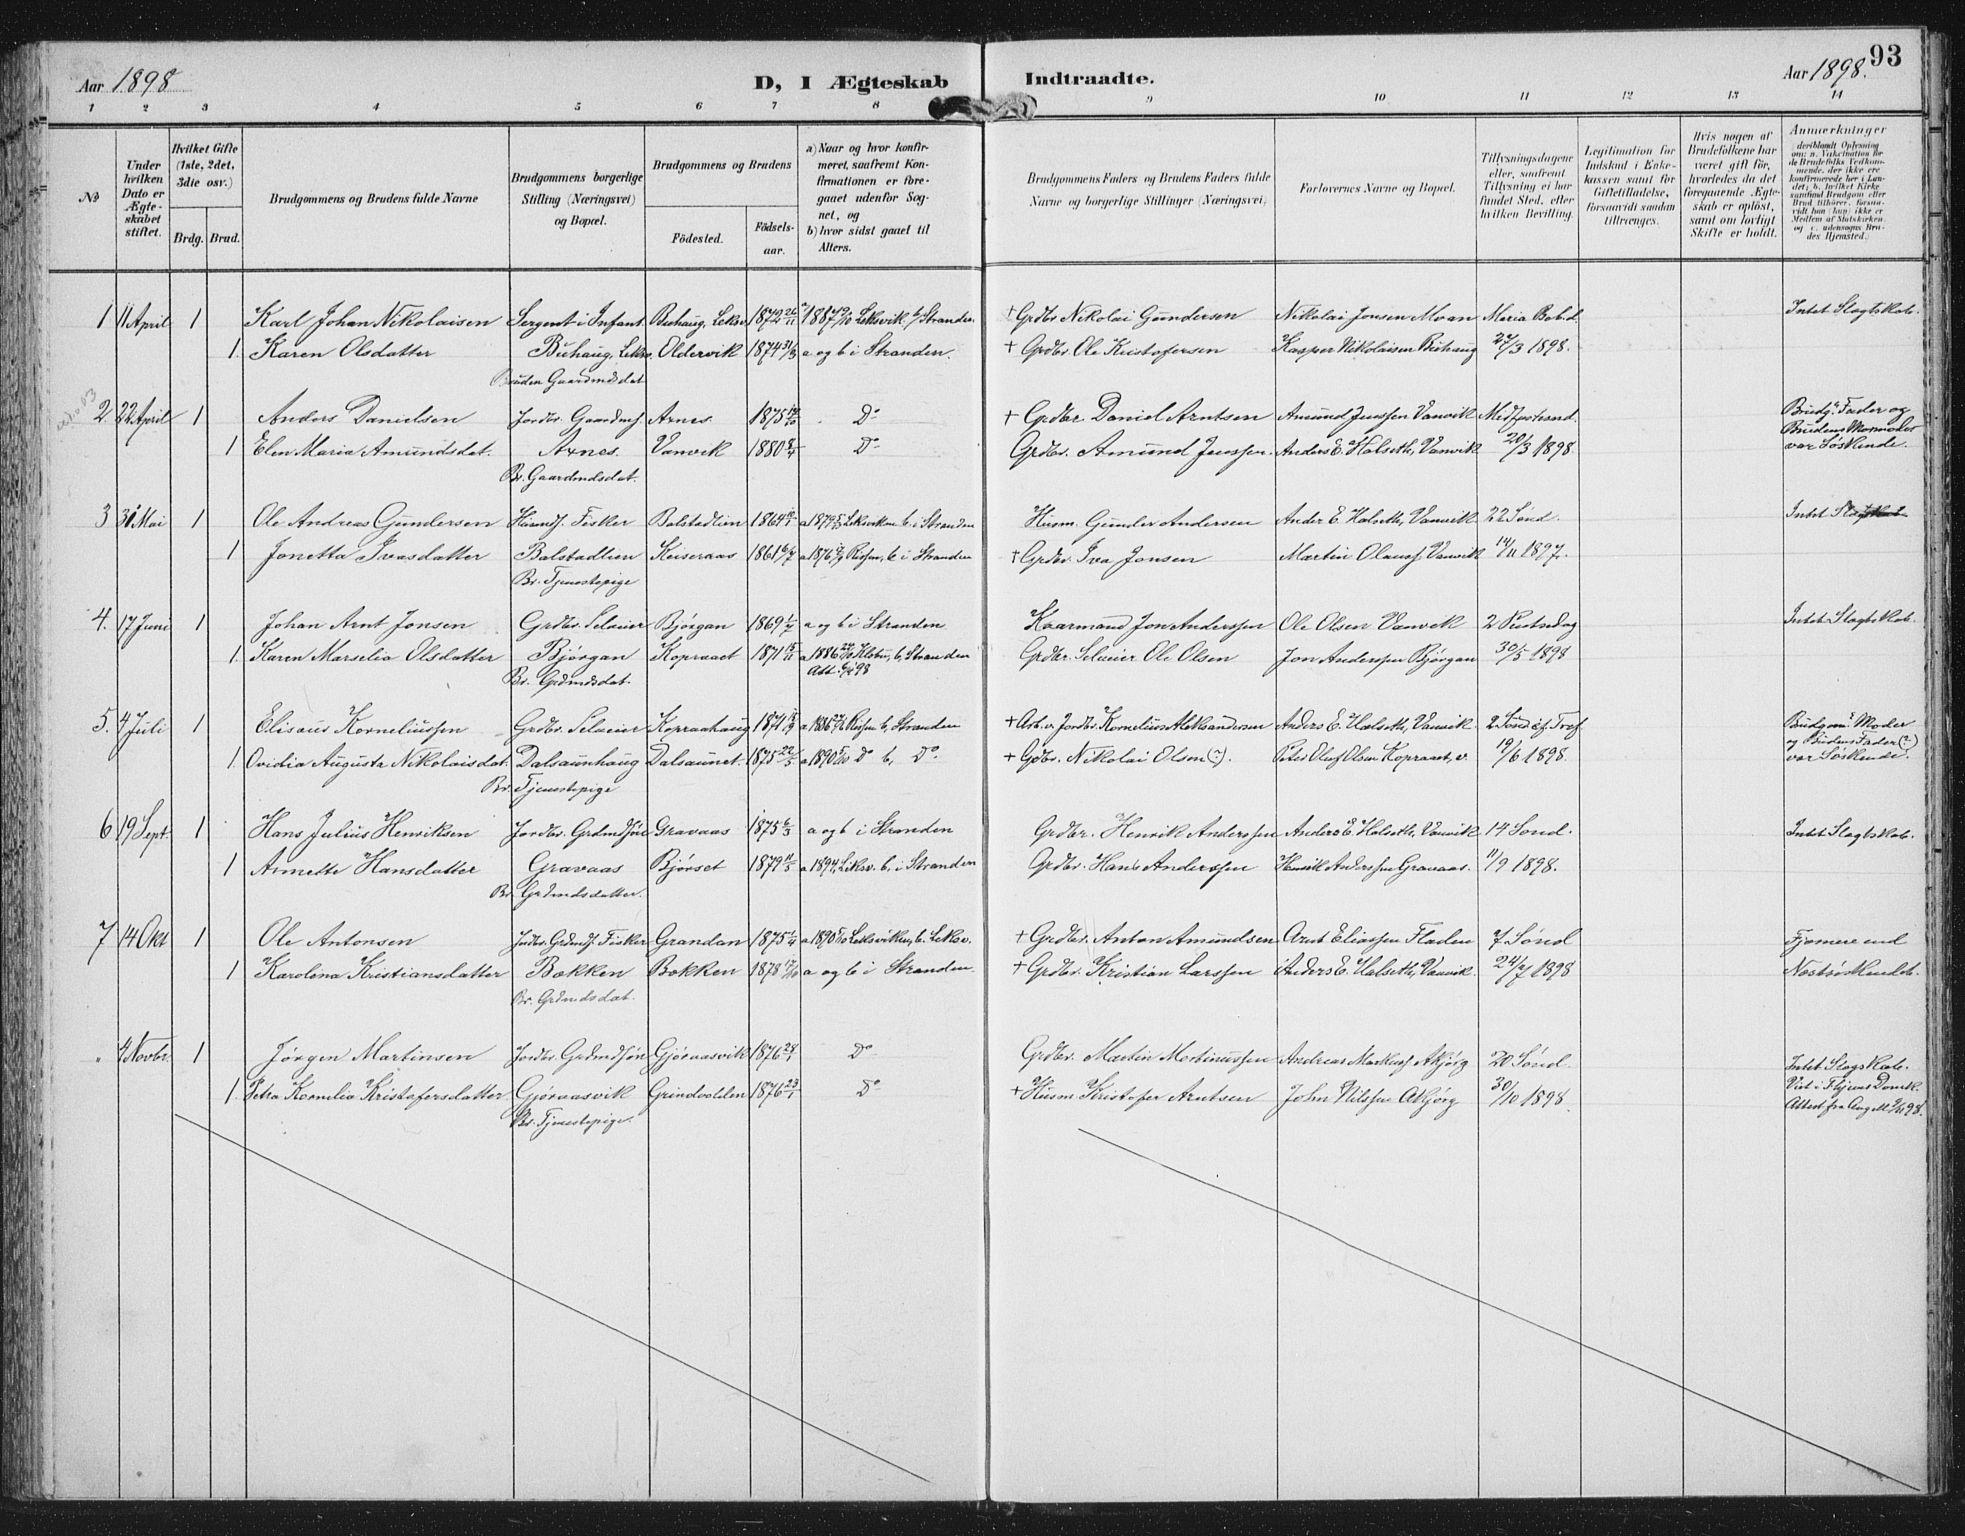 SAT, Ministerialprotokoller, klokkerbøker og fødselsregistre - Nord-Trøndelag, 702/L0024: Ministerialbok nr. 702A02, 1898-1914, s. 93